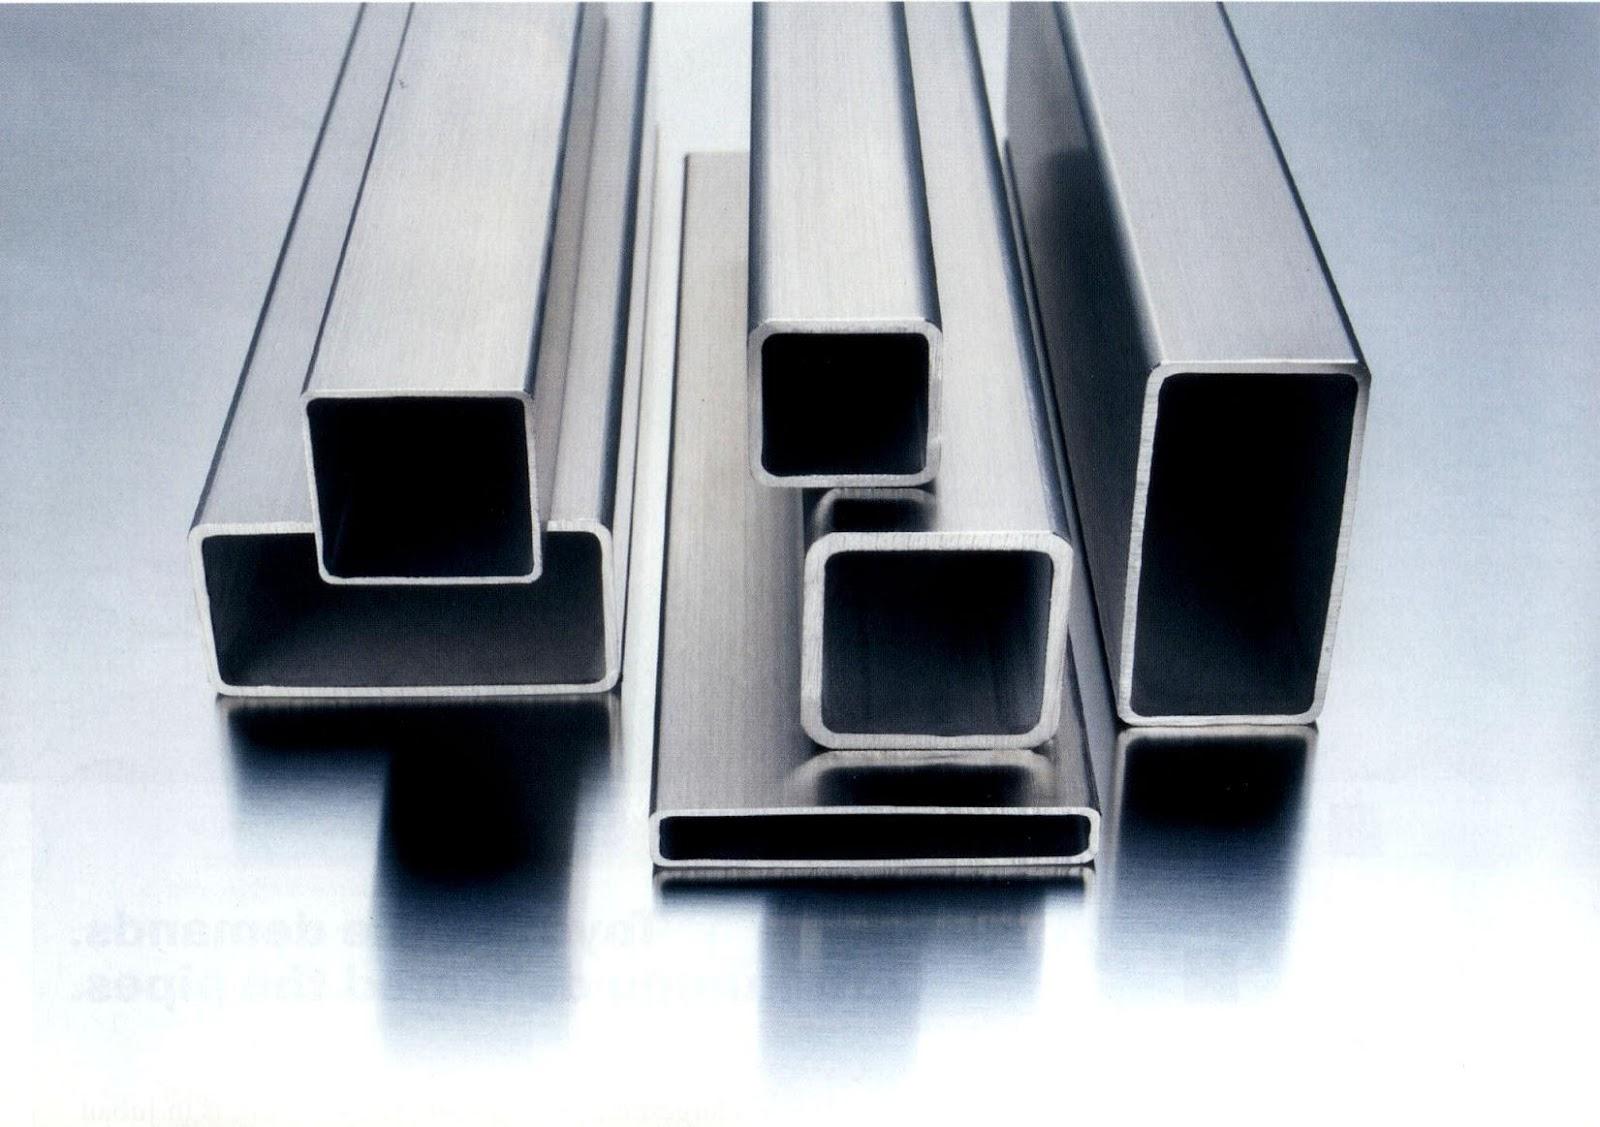 Thép hộp được ứng dụng rất nhiều trong các công trình hiện đại